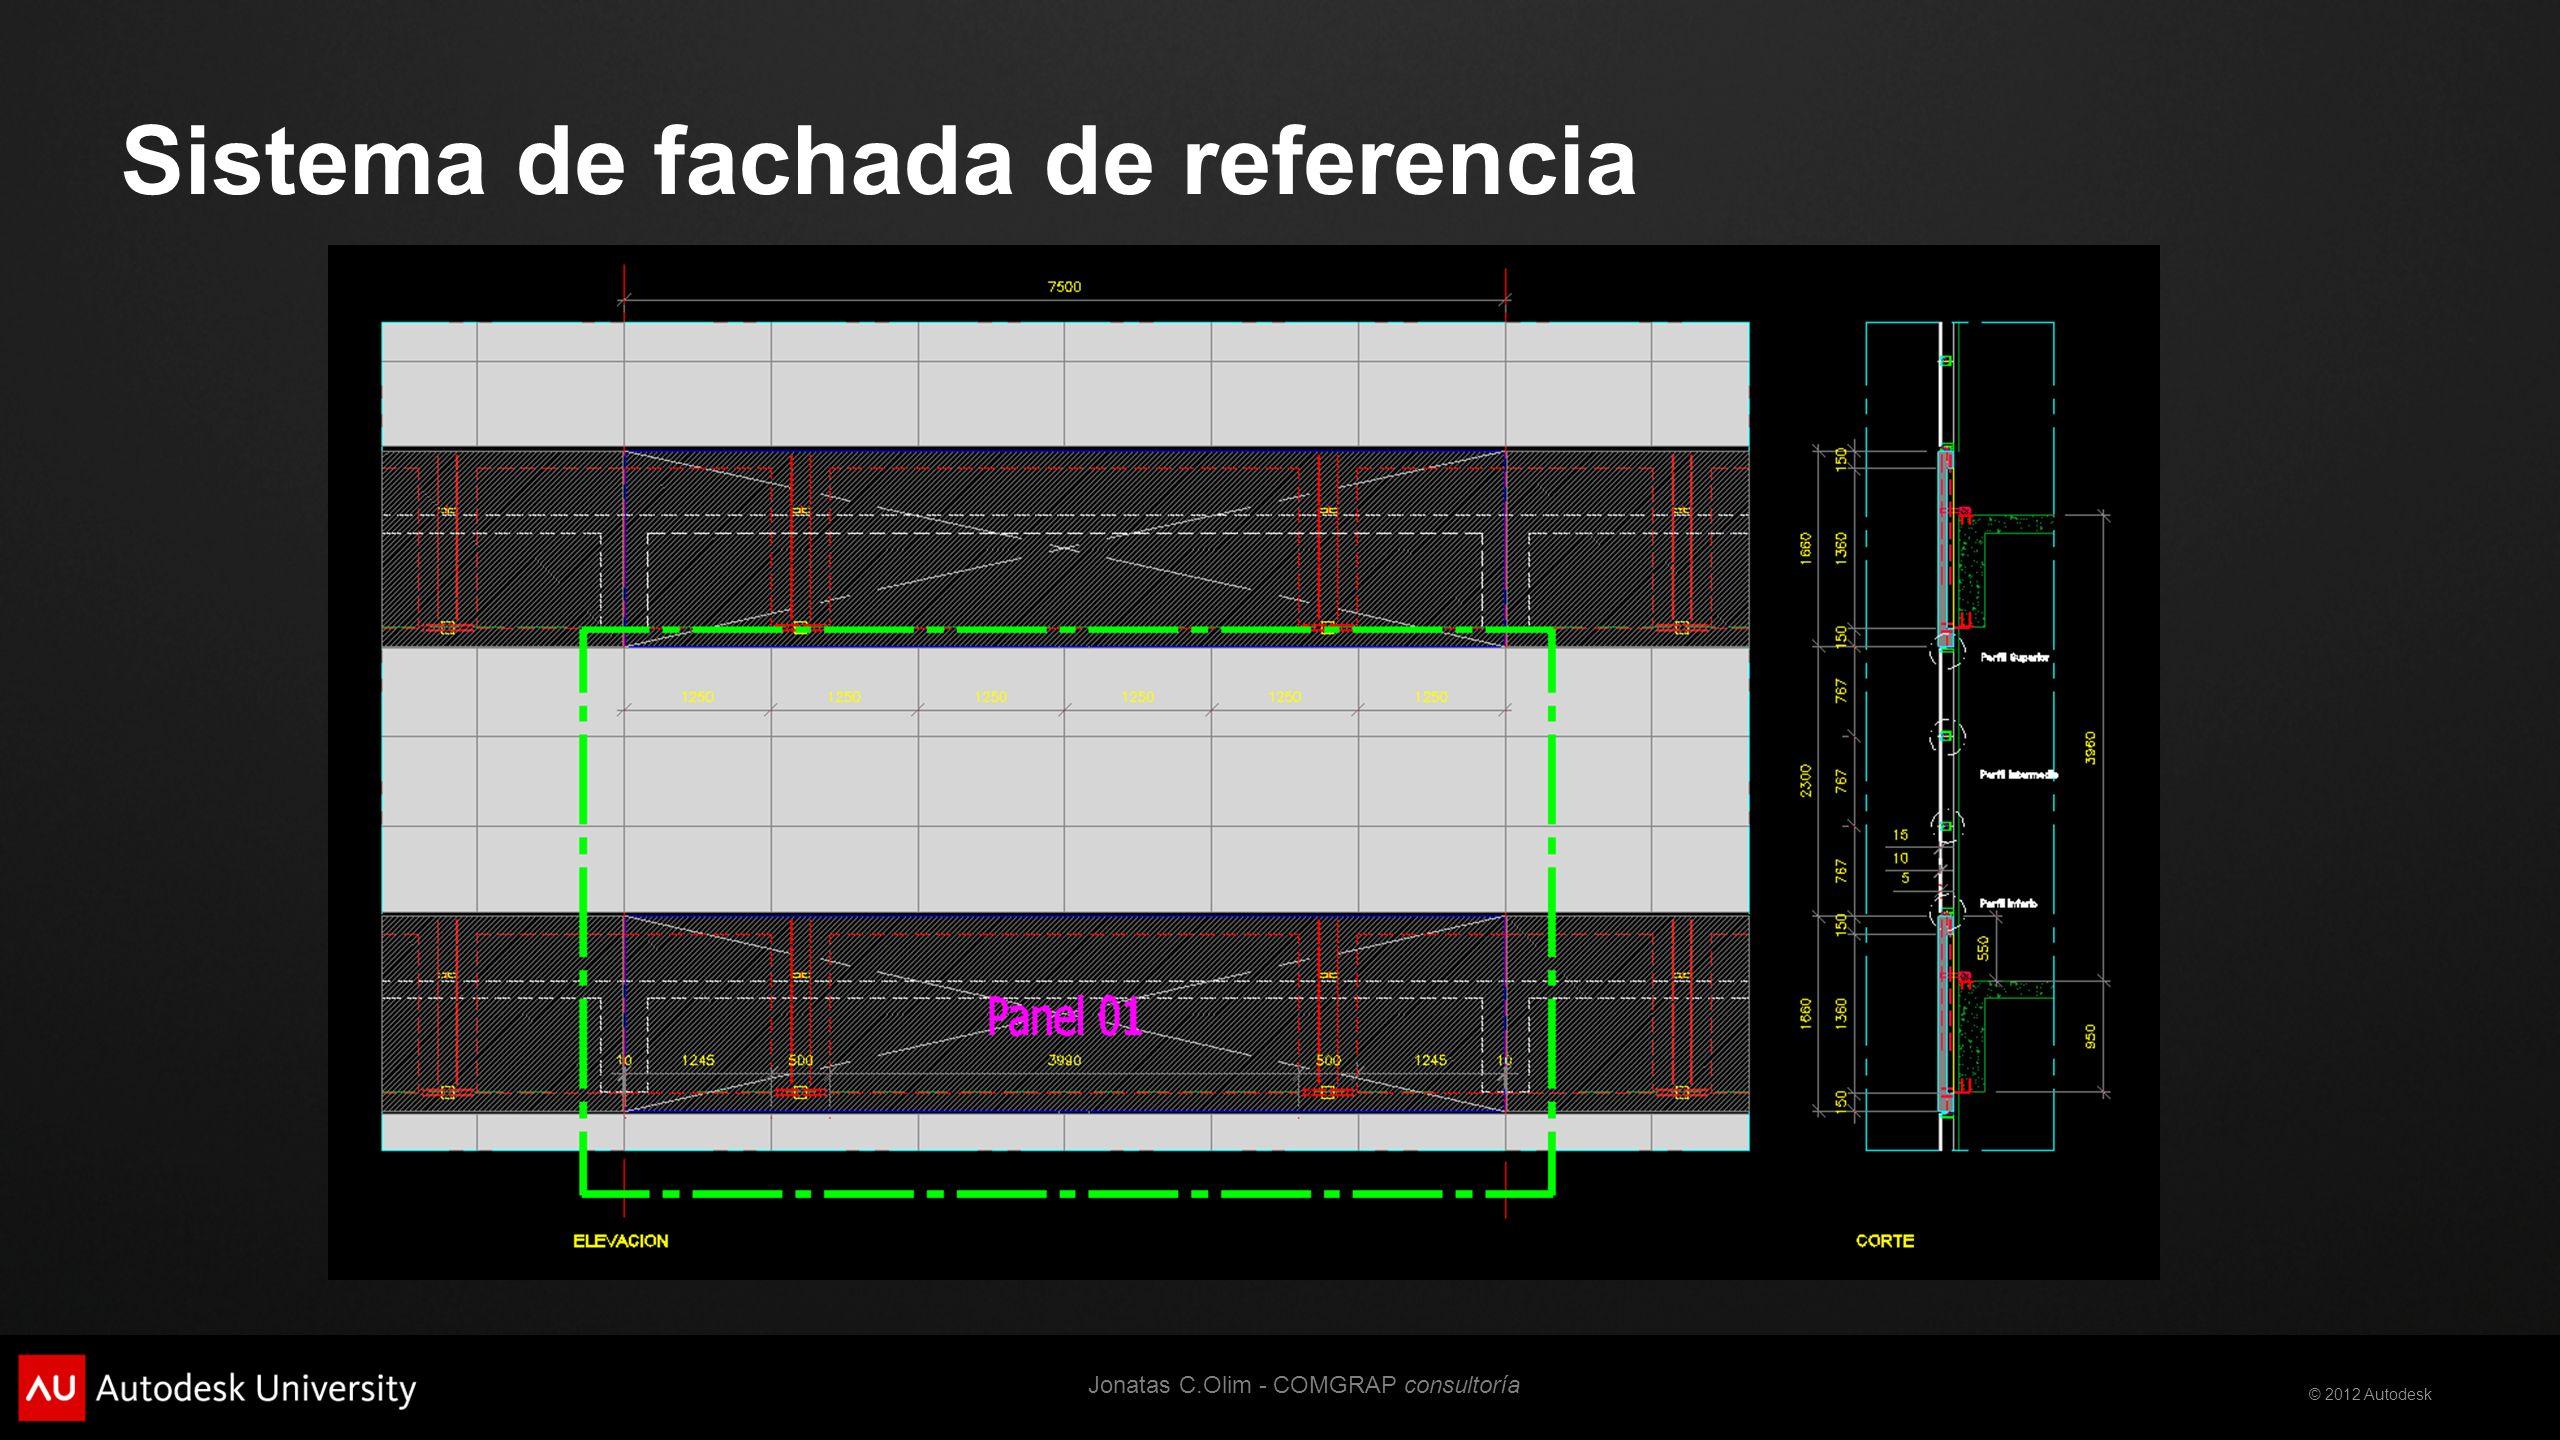 Sistema de fachada de referencia